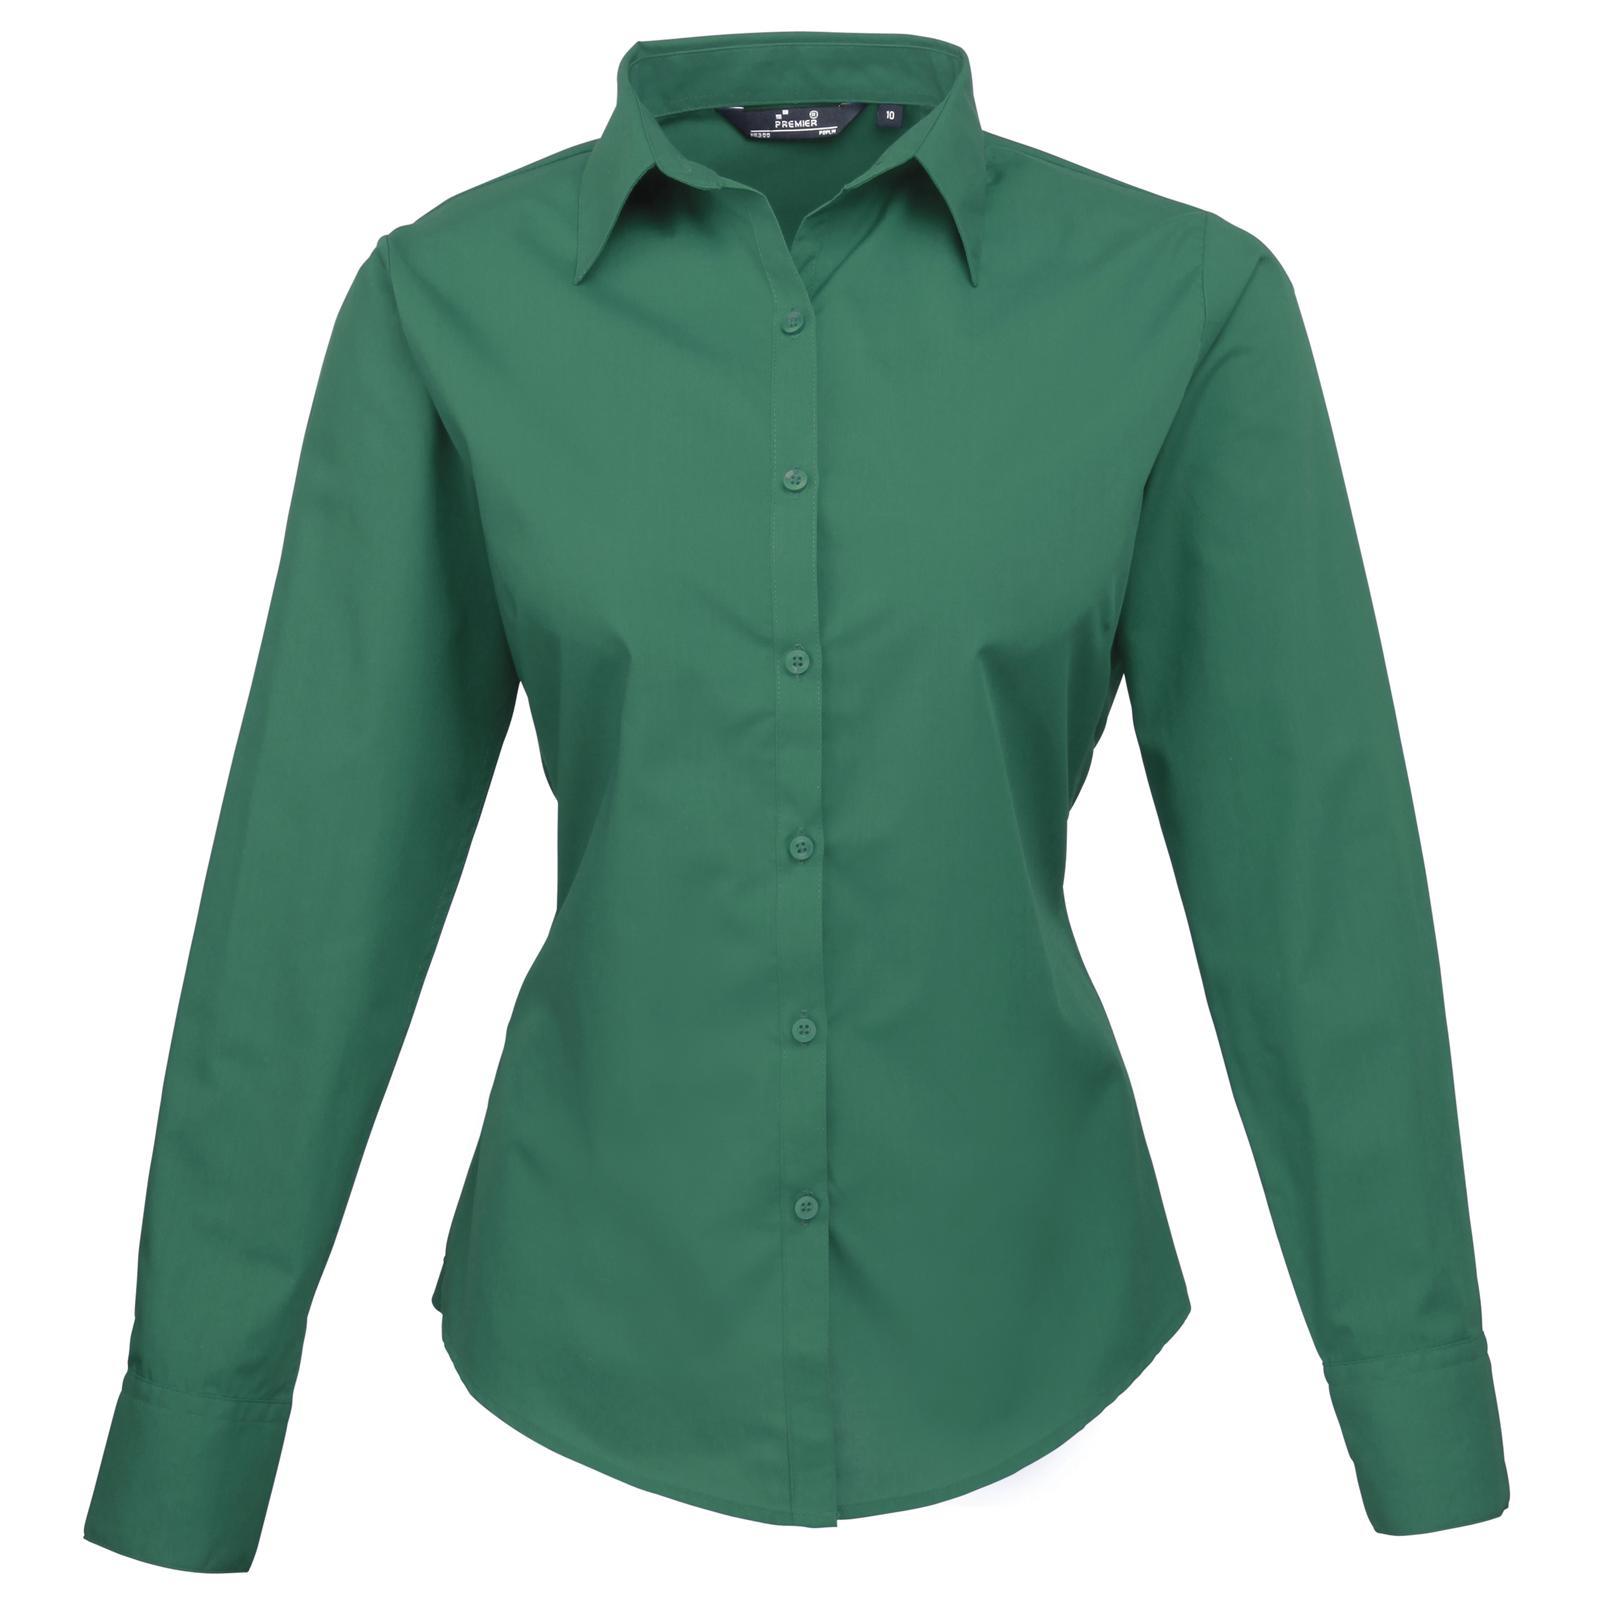 New premier womens ladies poplin long sleeve blouse shirt for Long sleeve poplin shirt